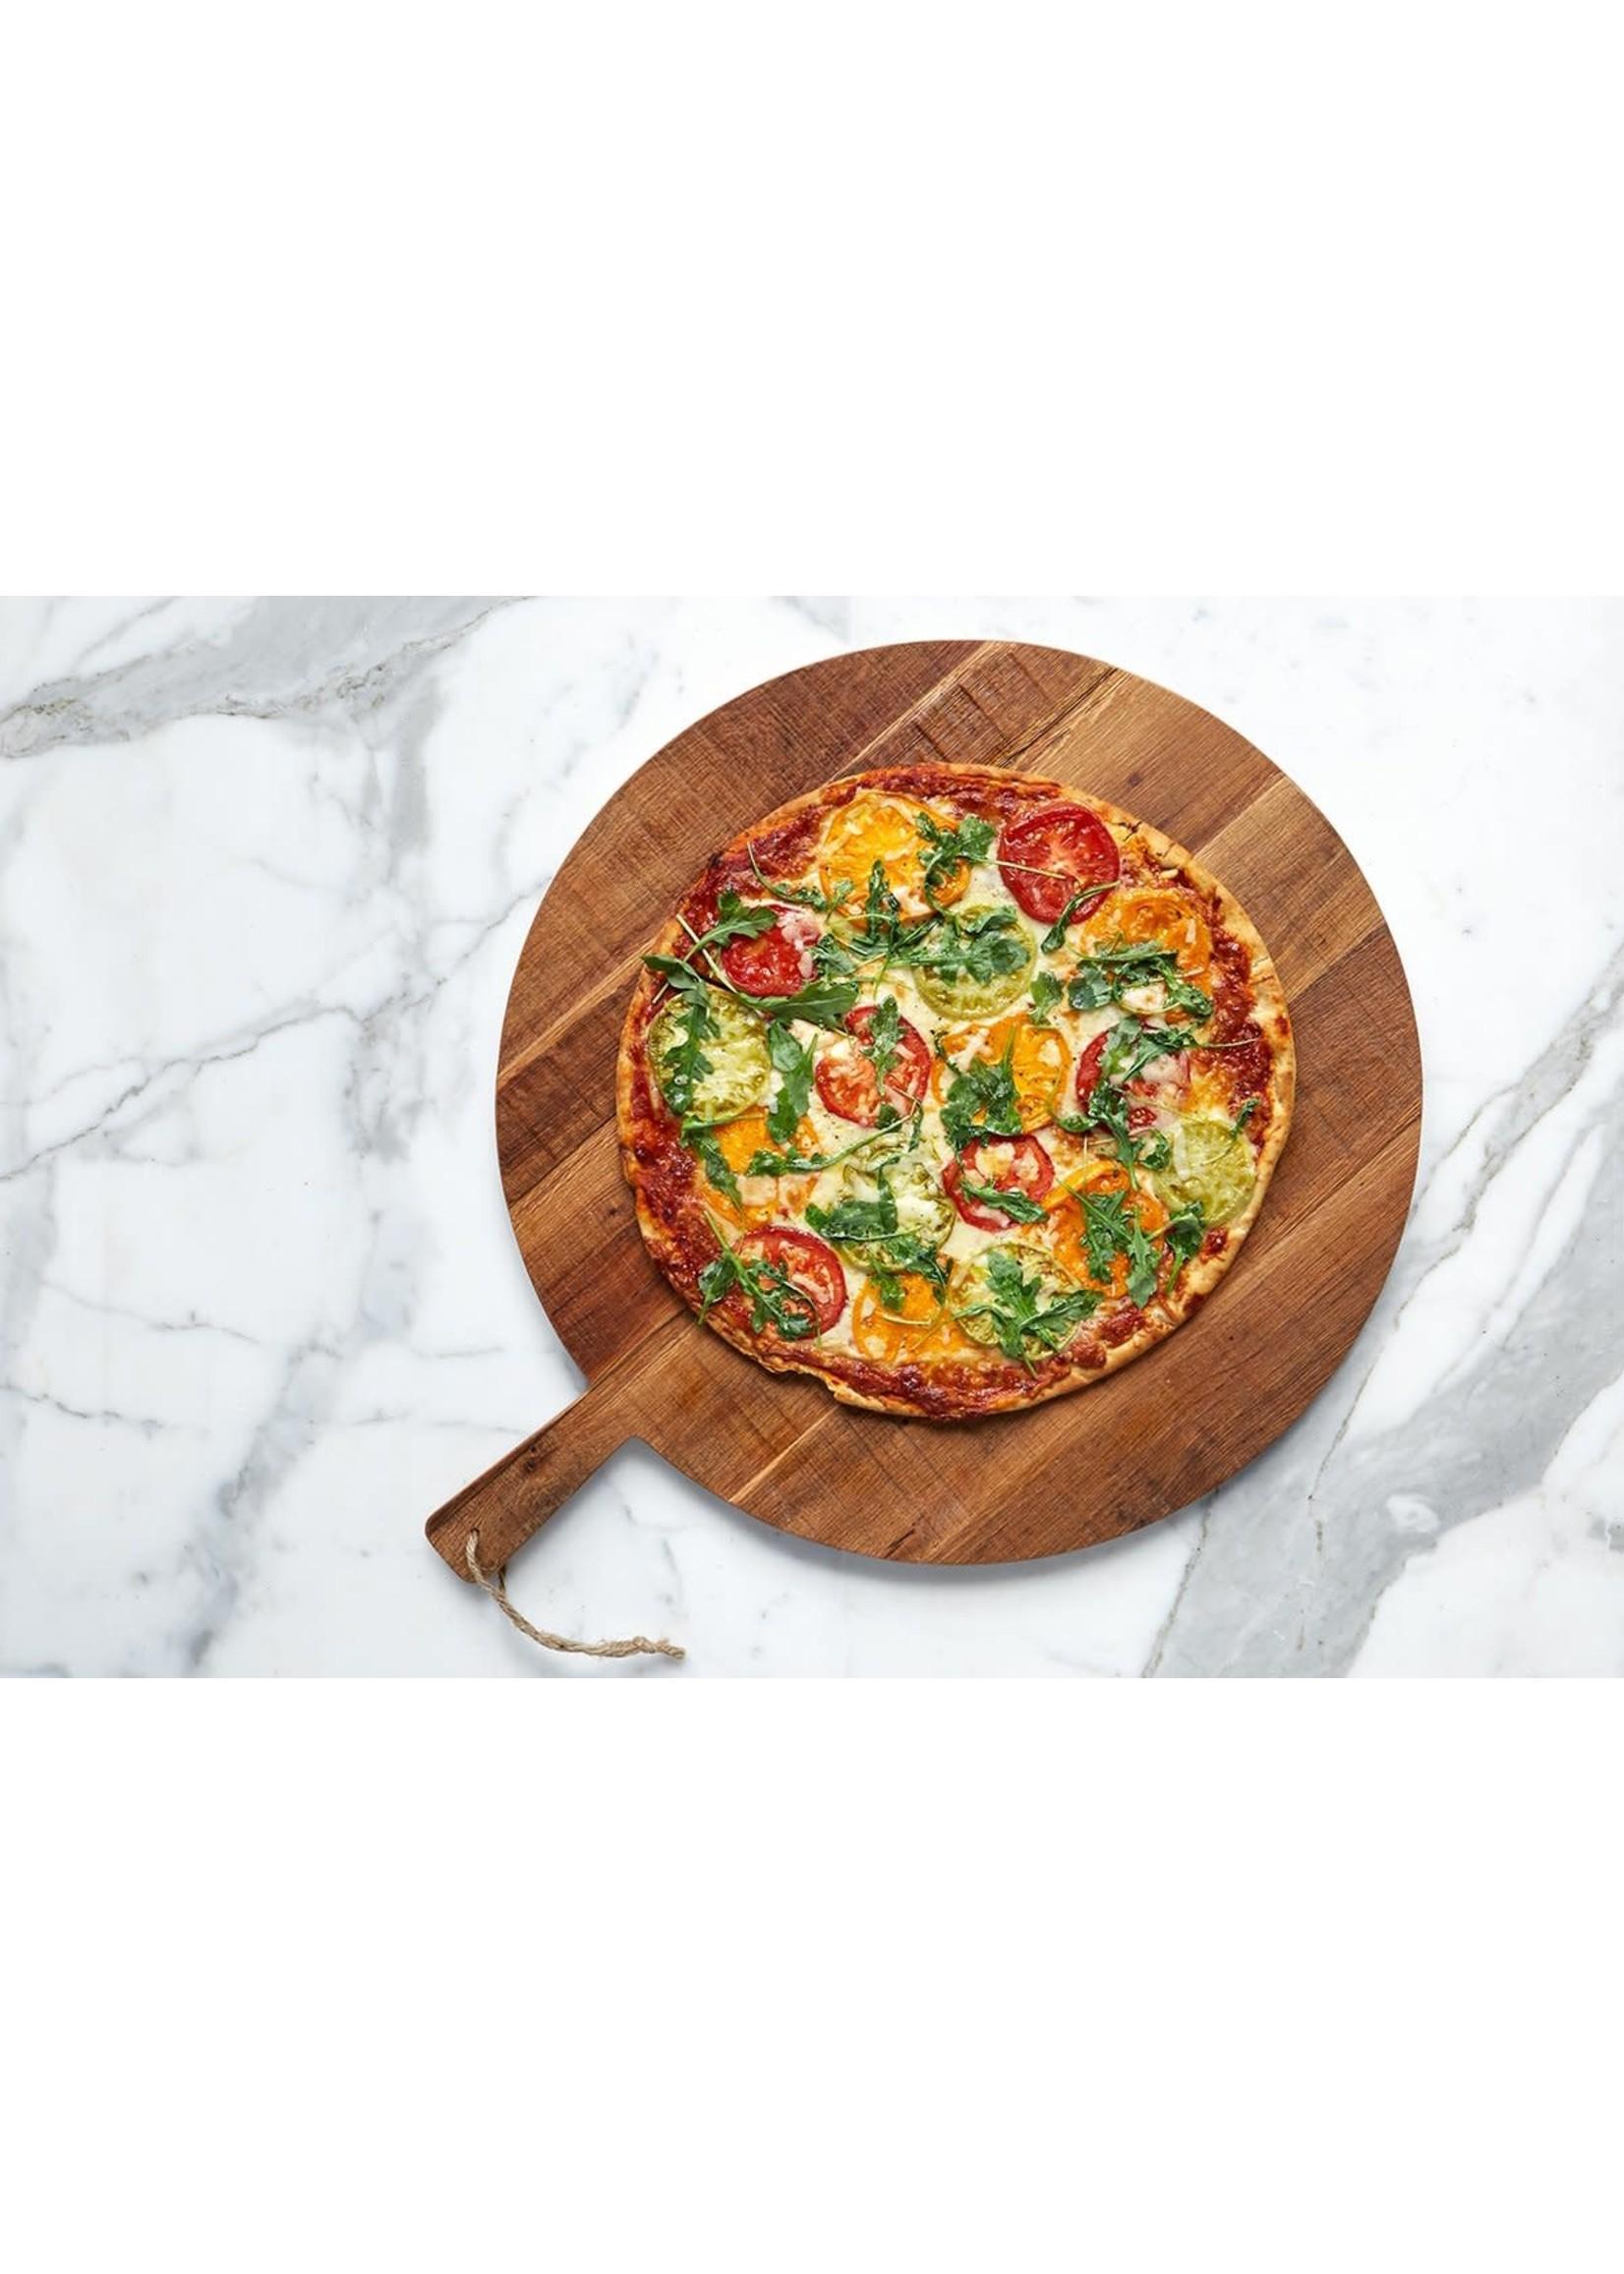 Charcuterie/Pizza Board - Oak Large